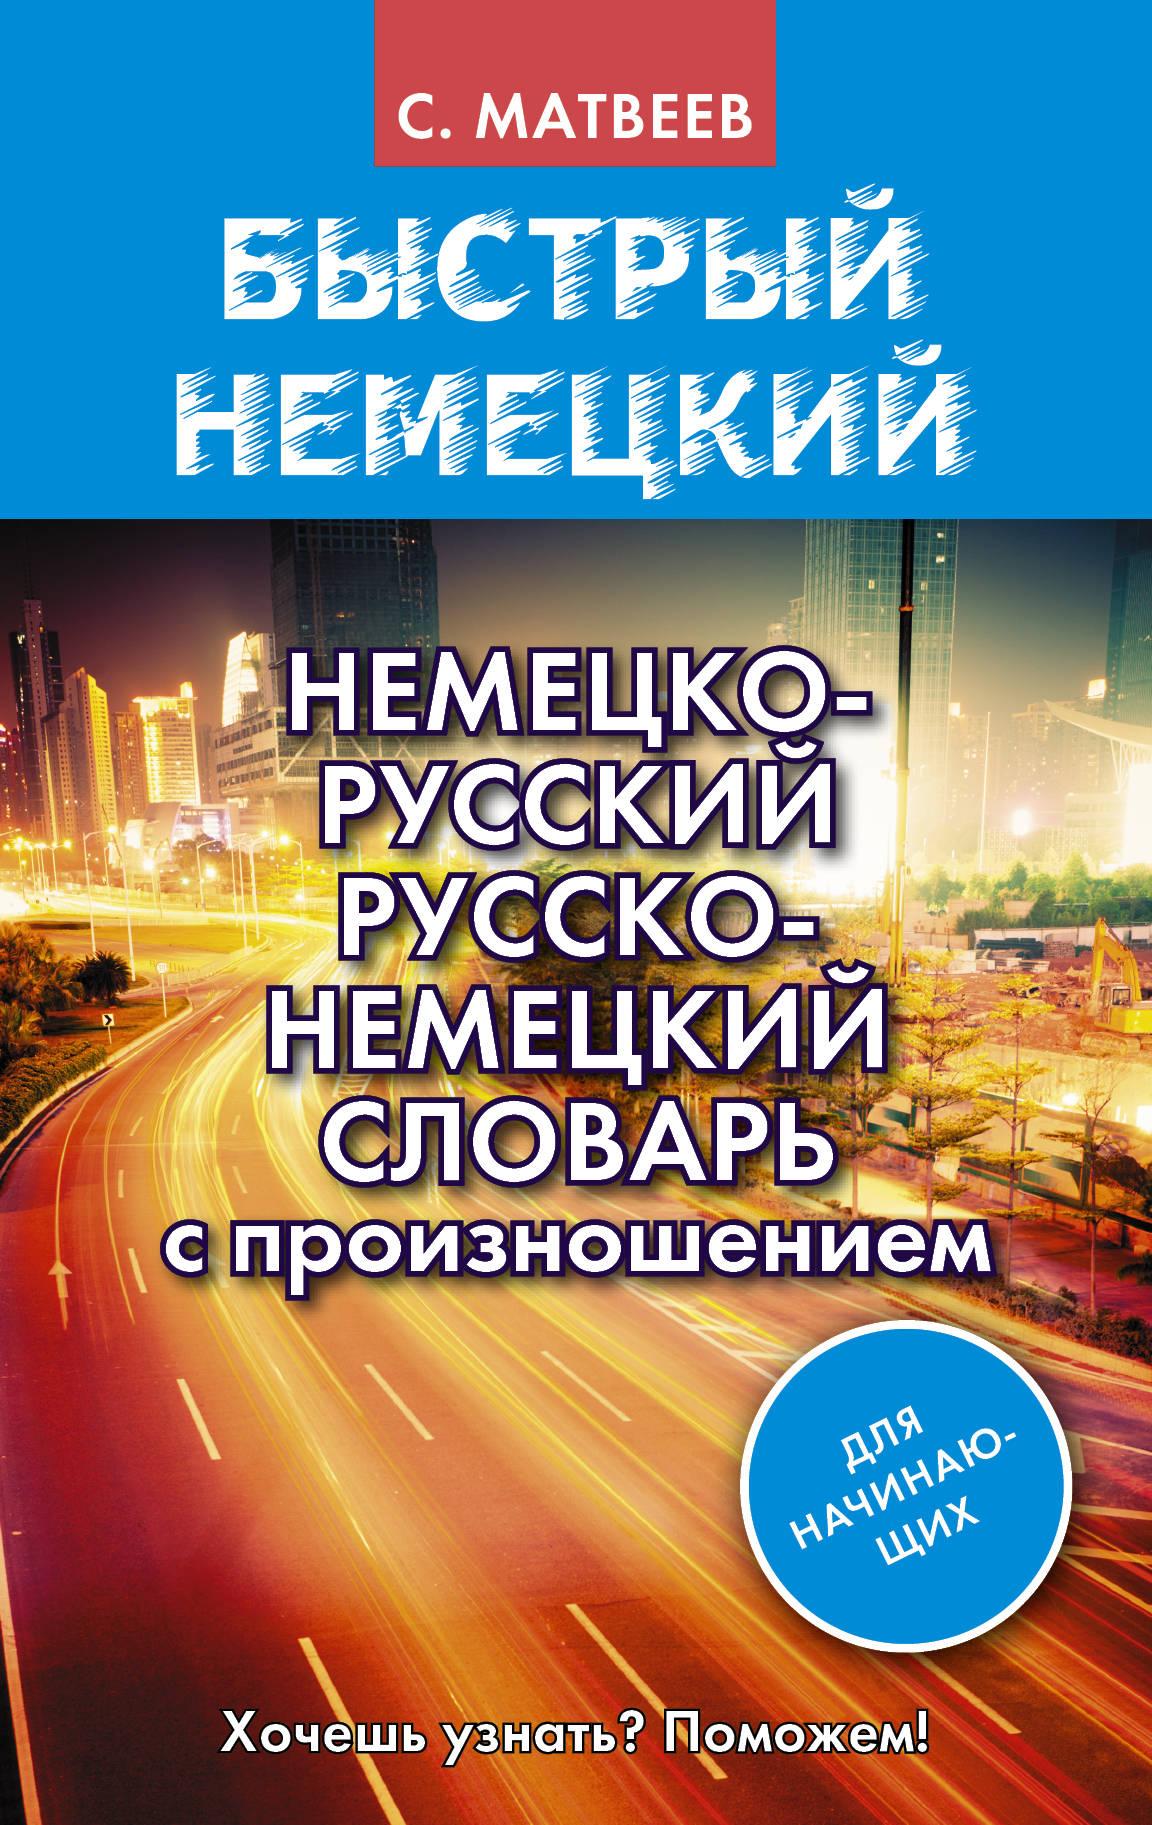 С. Матвеев Немецко-русский русско-немецкий словарь с произношением для начинающих